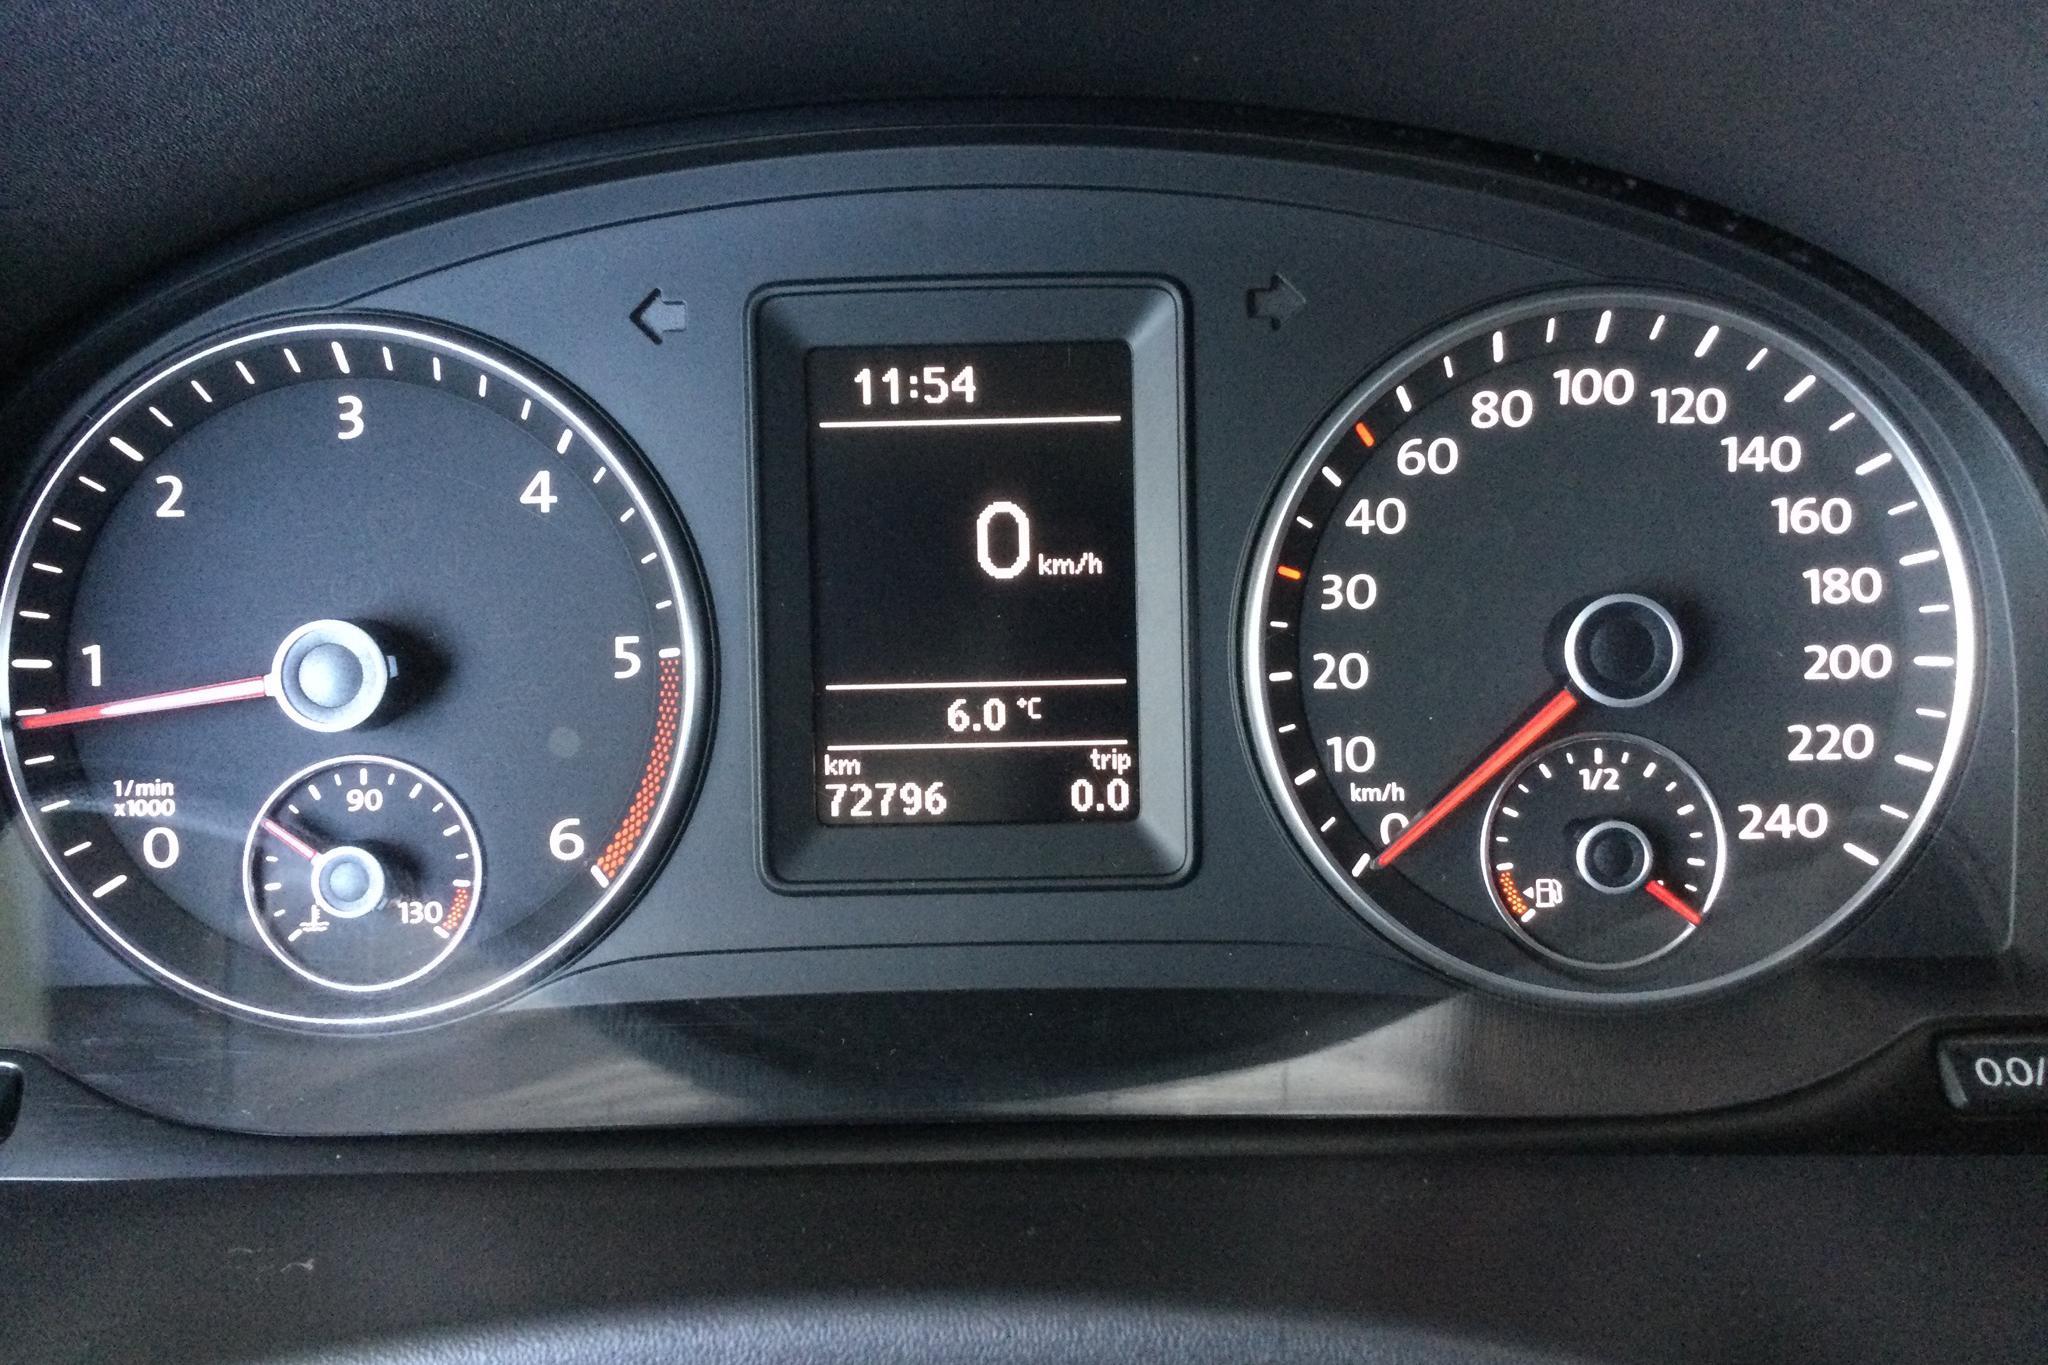 VW Caddy 2.0 TDI Maxi Skåp 4-motion (110hk) - 7 280 mil - Manuell - vit - 2012